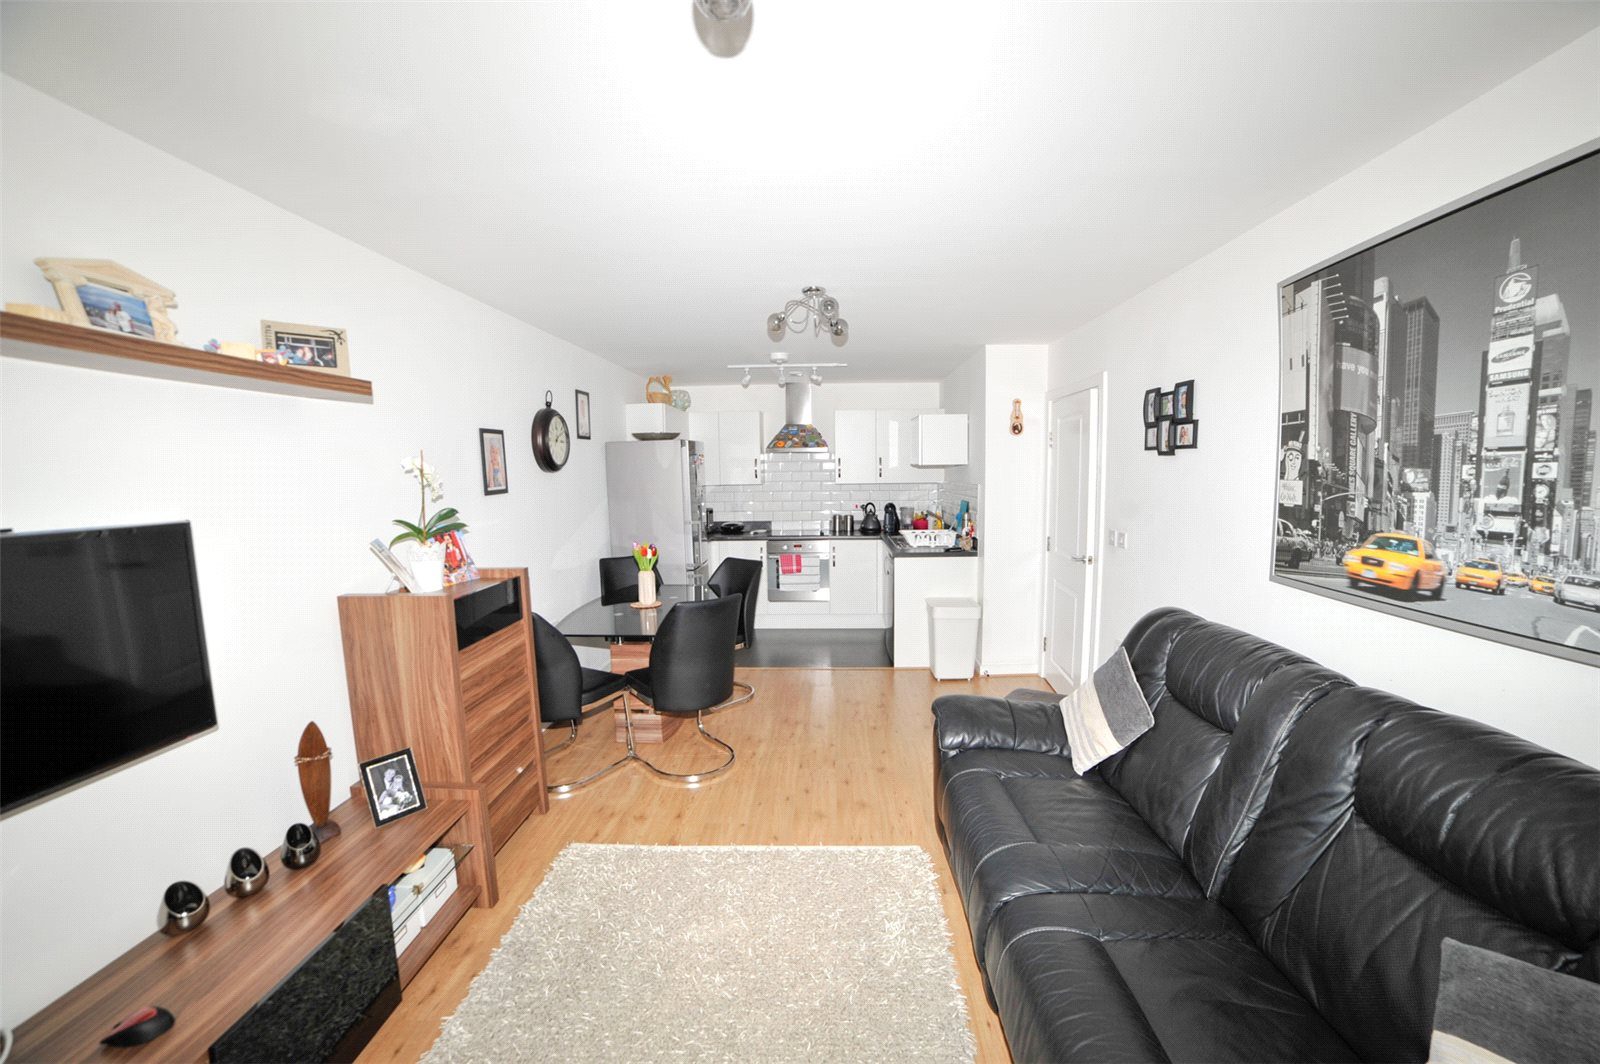 Exmoor House, Clydesdale Way, Belvedere, Kent, DA17